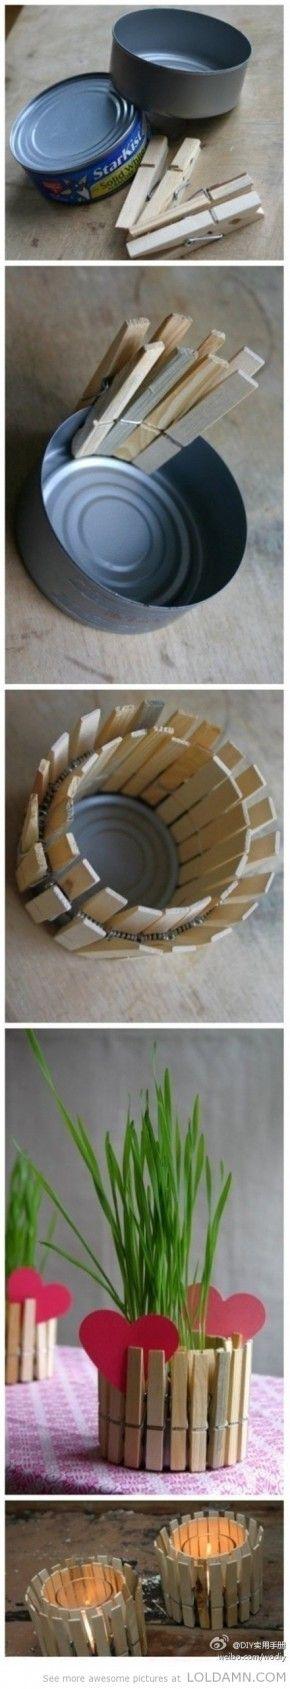 Eenvoudige doe-ideeën: Recycle uw oude tin en wasknijpers